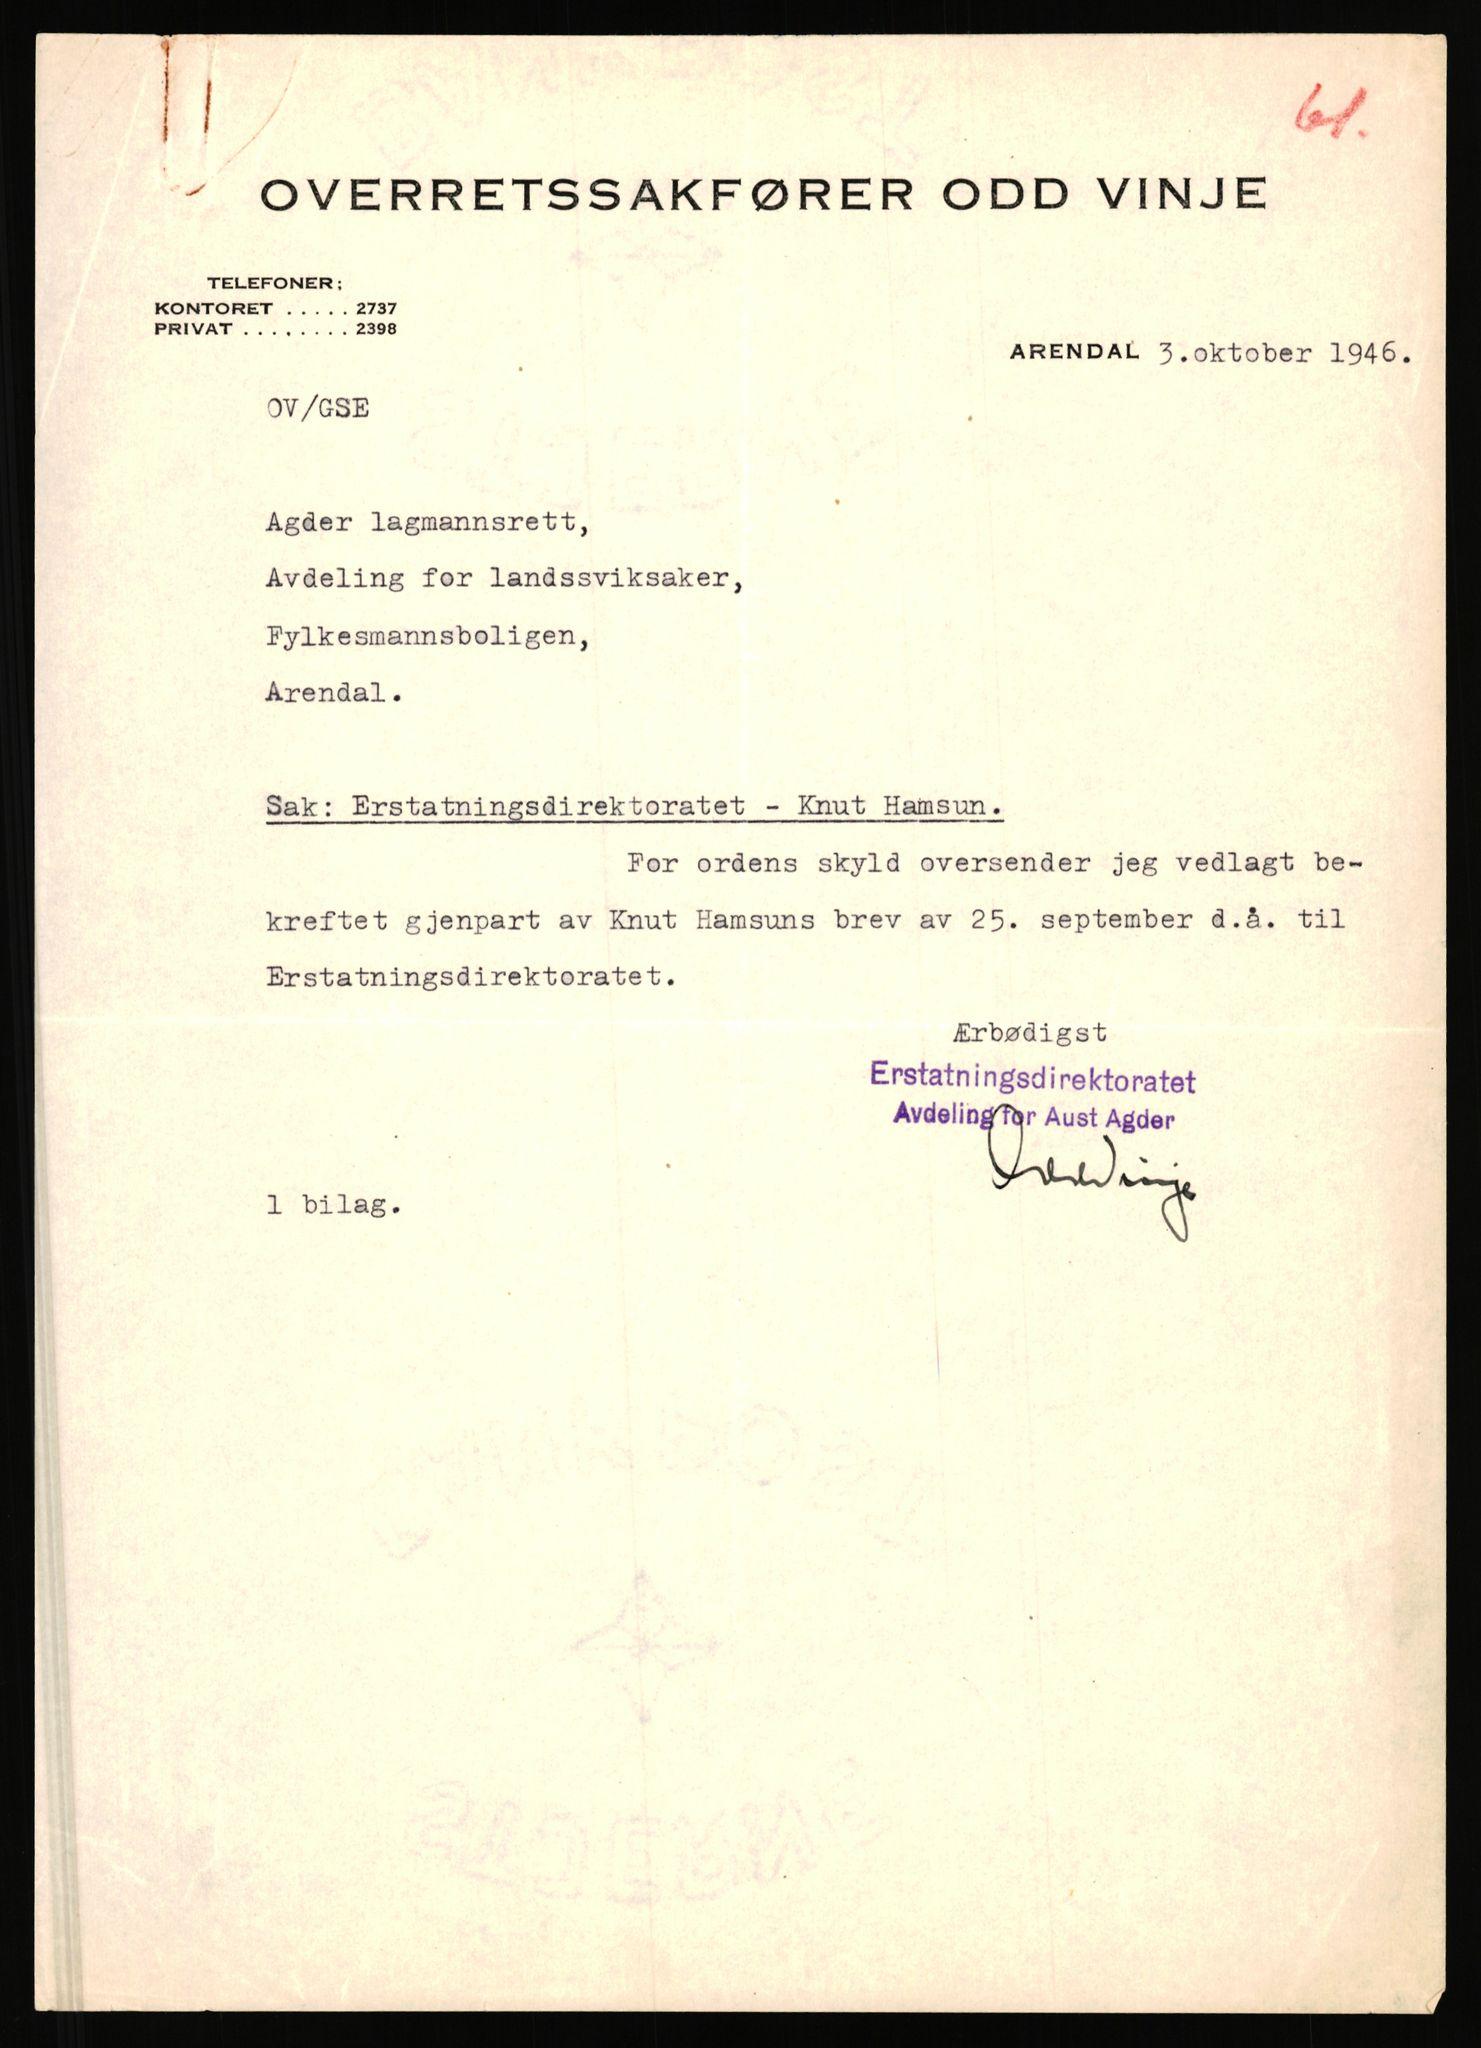 RA, Landssvikarkivet, Arendal politikammer, D/Dc/L0029: Anr. 192/45, 1945-1951, s. 648